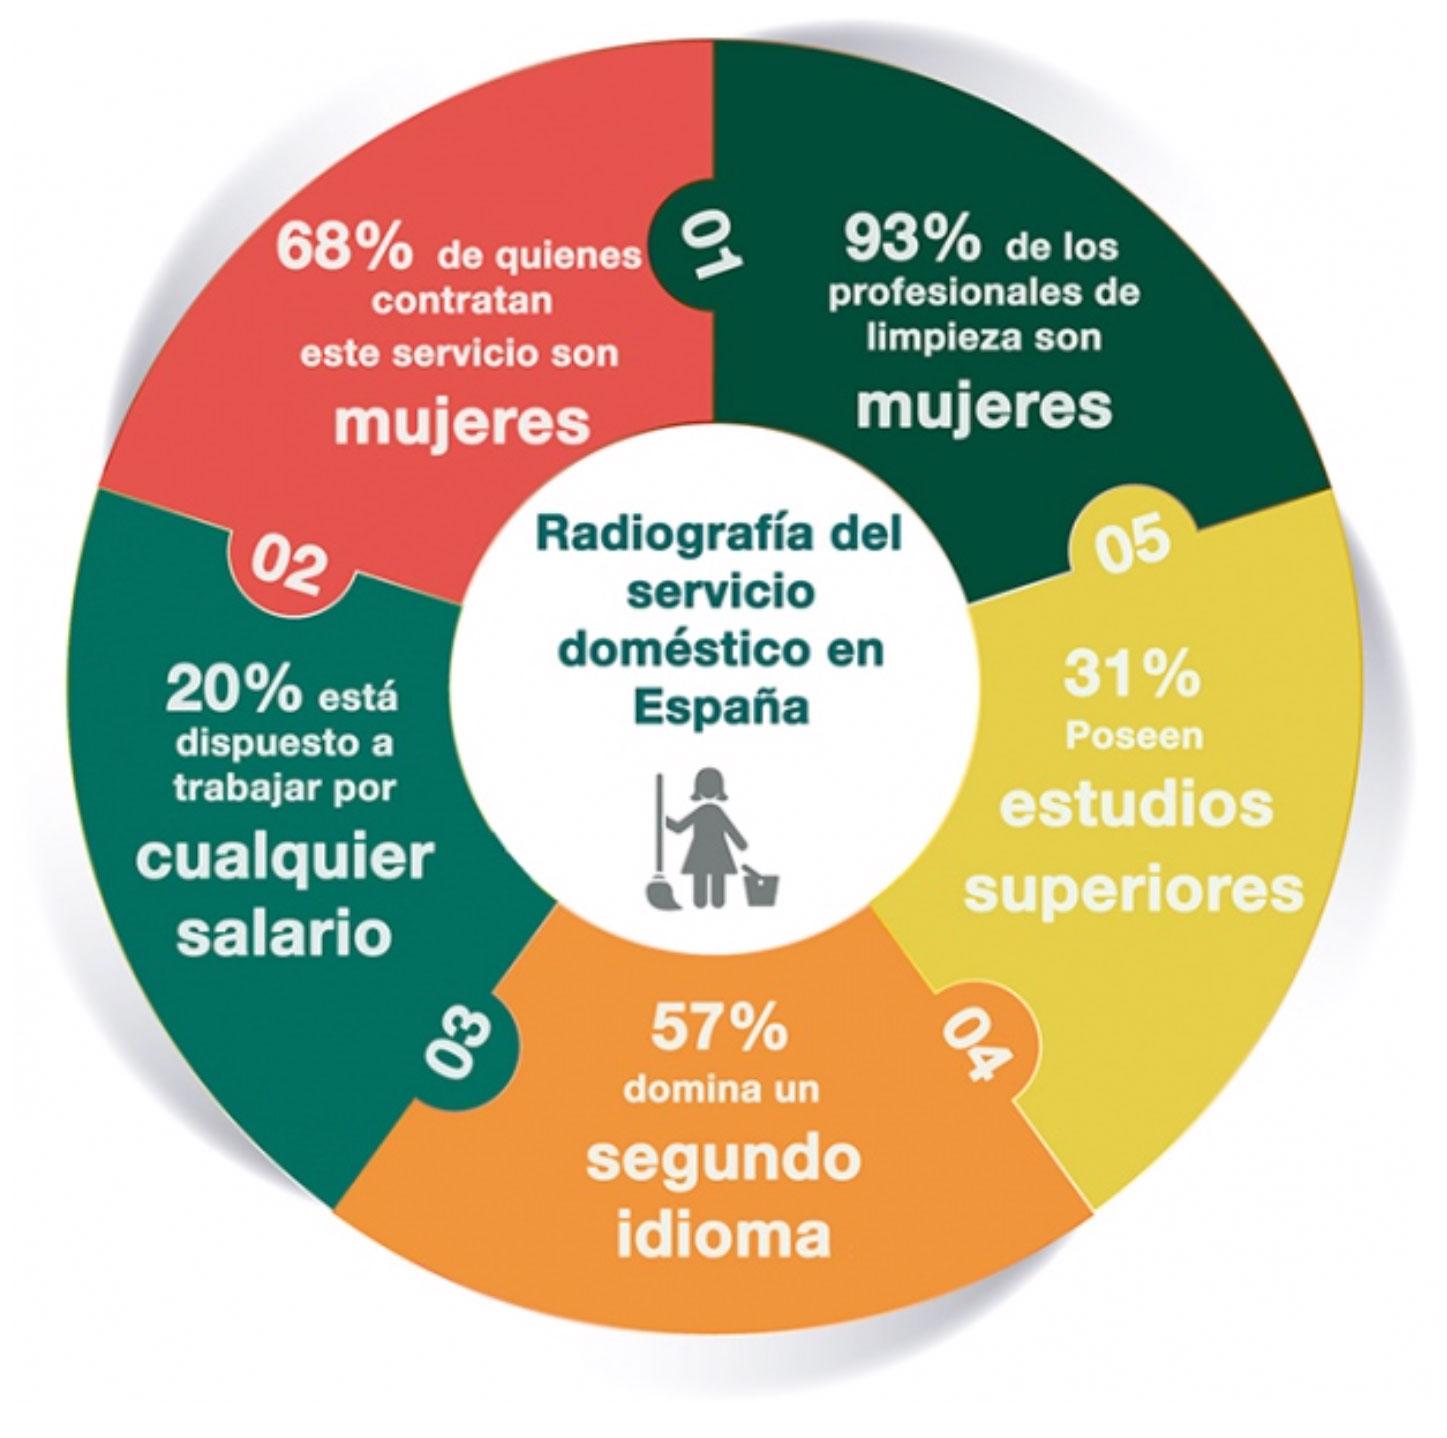 Radiografía del servicio doméstico en España